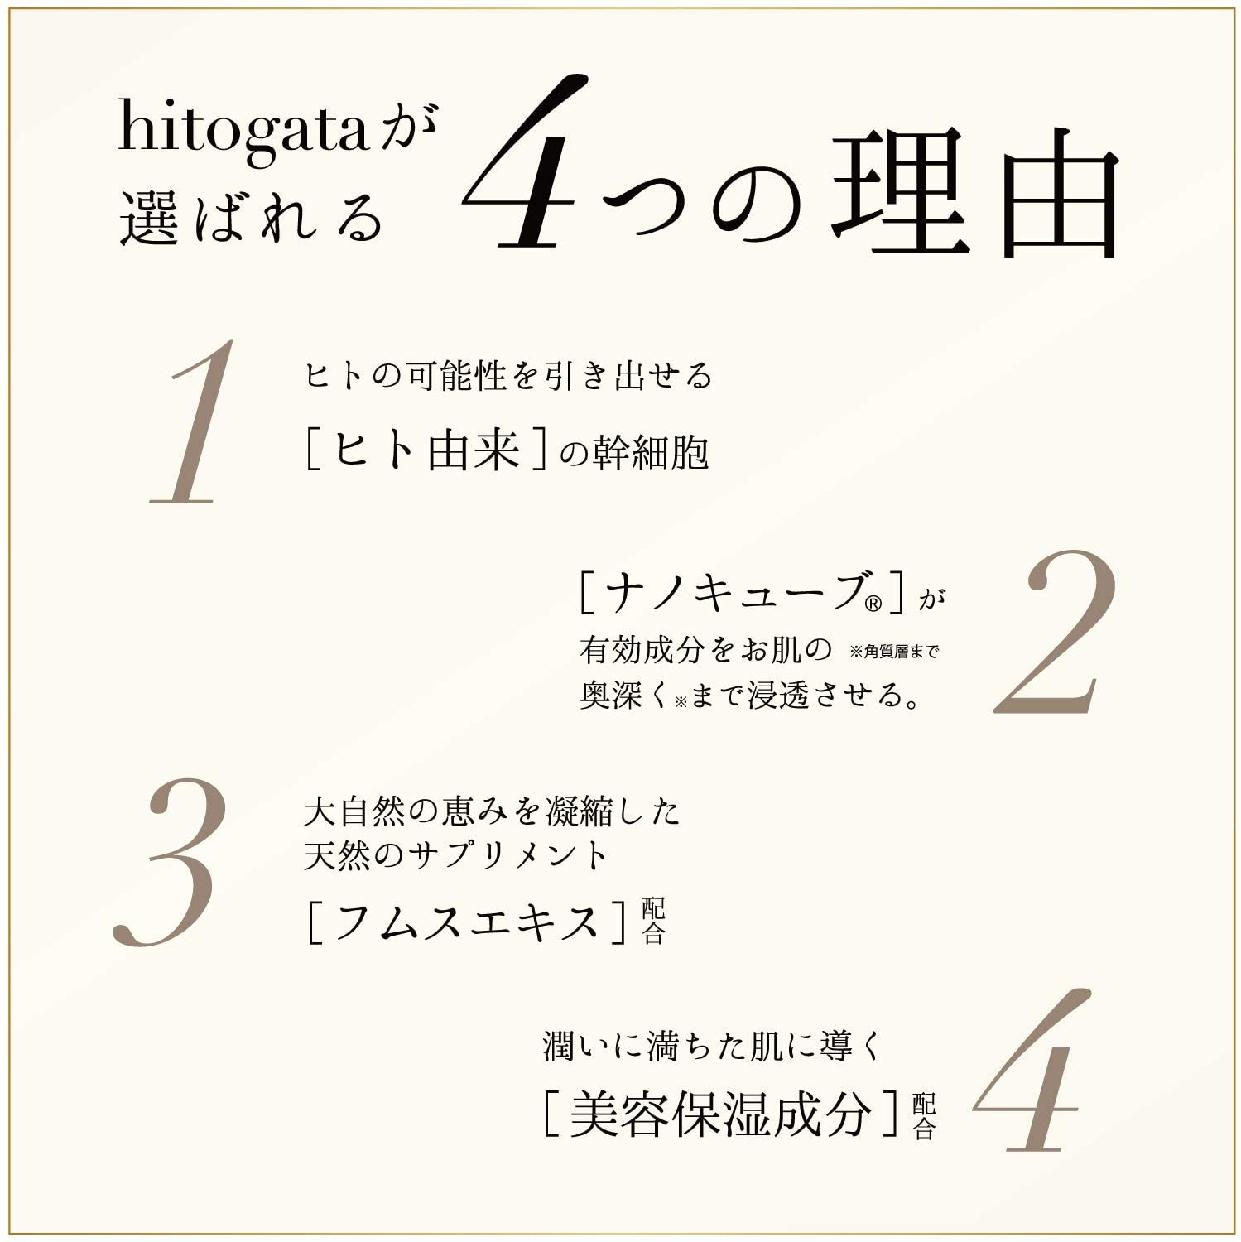 MIMURA(ミムラ)hitogata スキン セラムの商品画像9